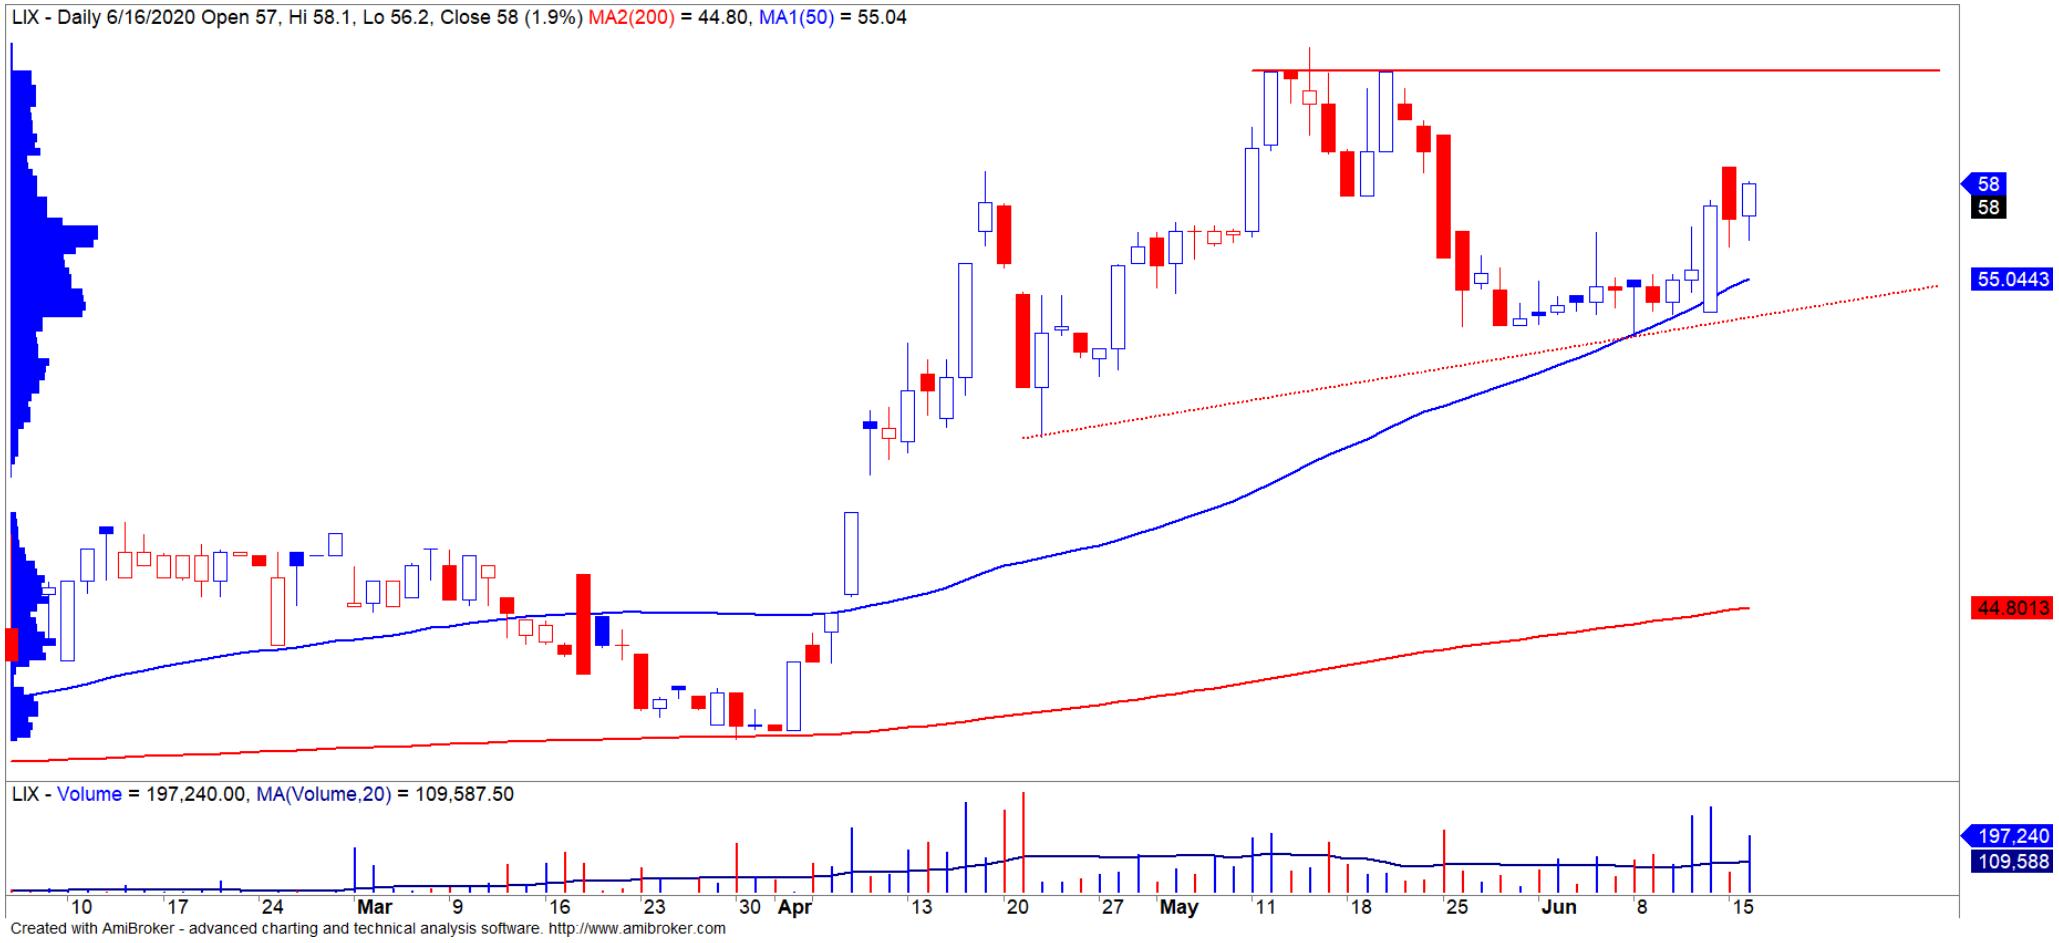 Cổ phiếu tâm điểm ngày 18/6: MSH, KBC, LIX - Ảnh 2.